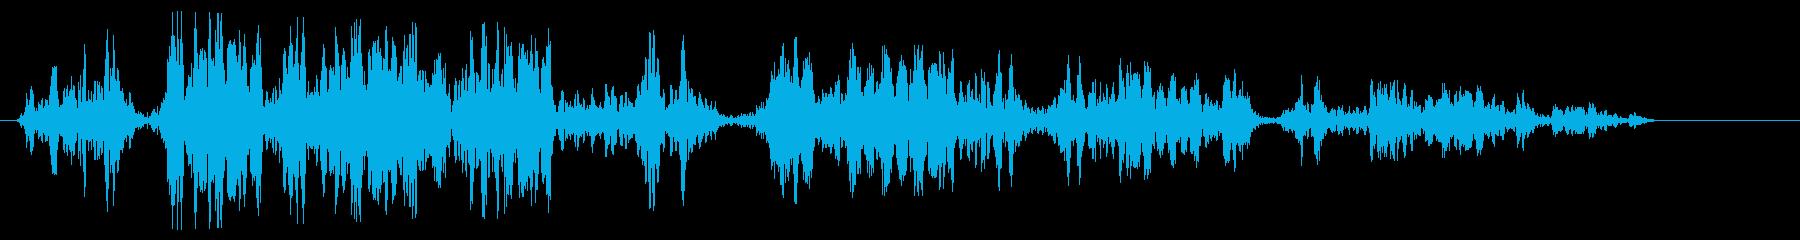 ピュルピュル(何かが巻戻るような音)の再生済みの波形